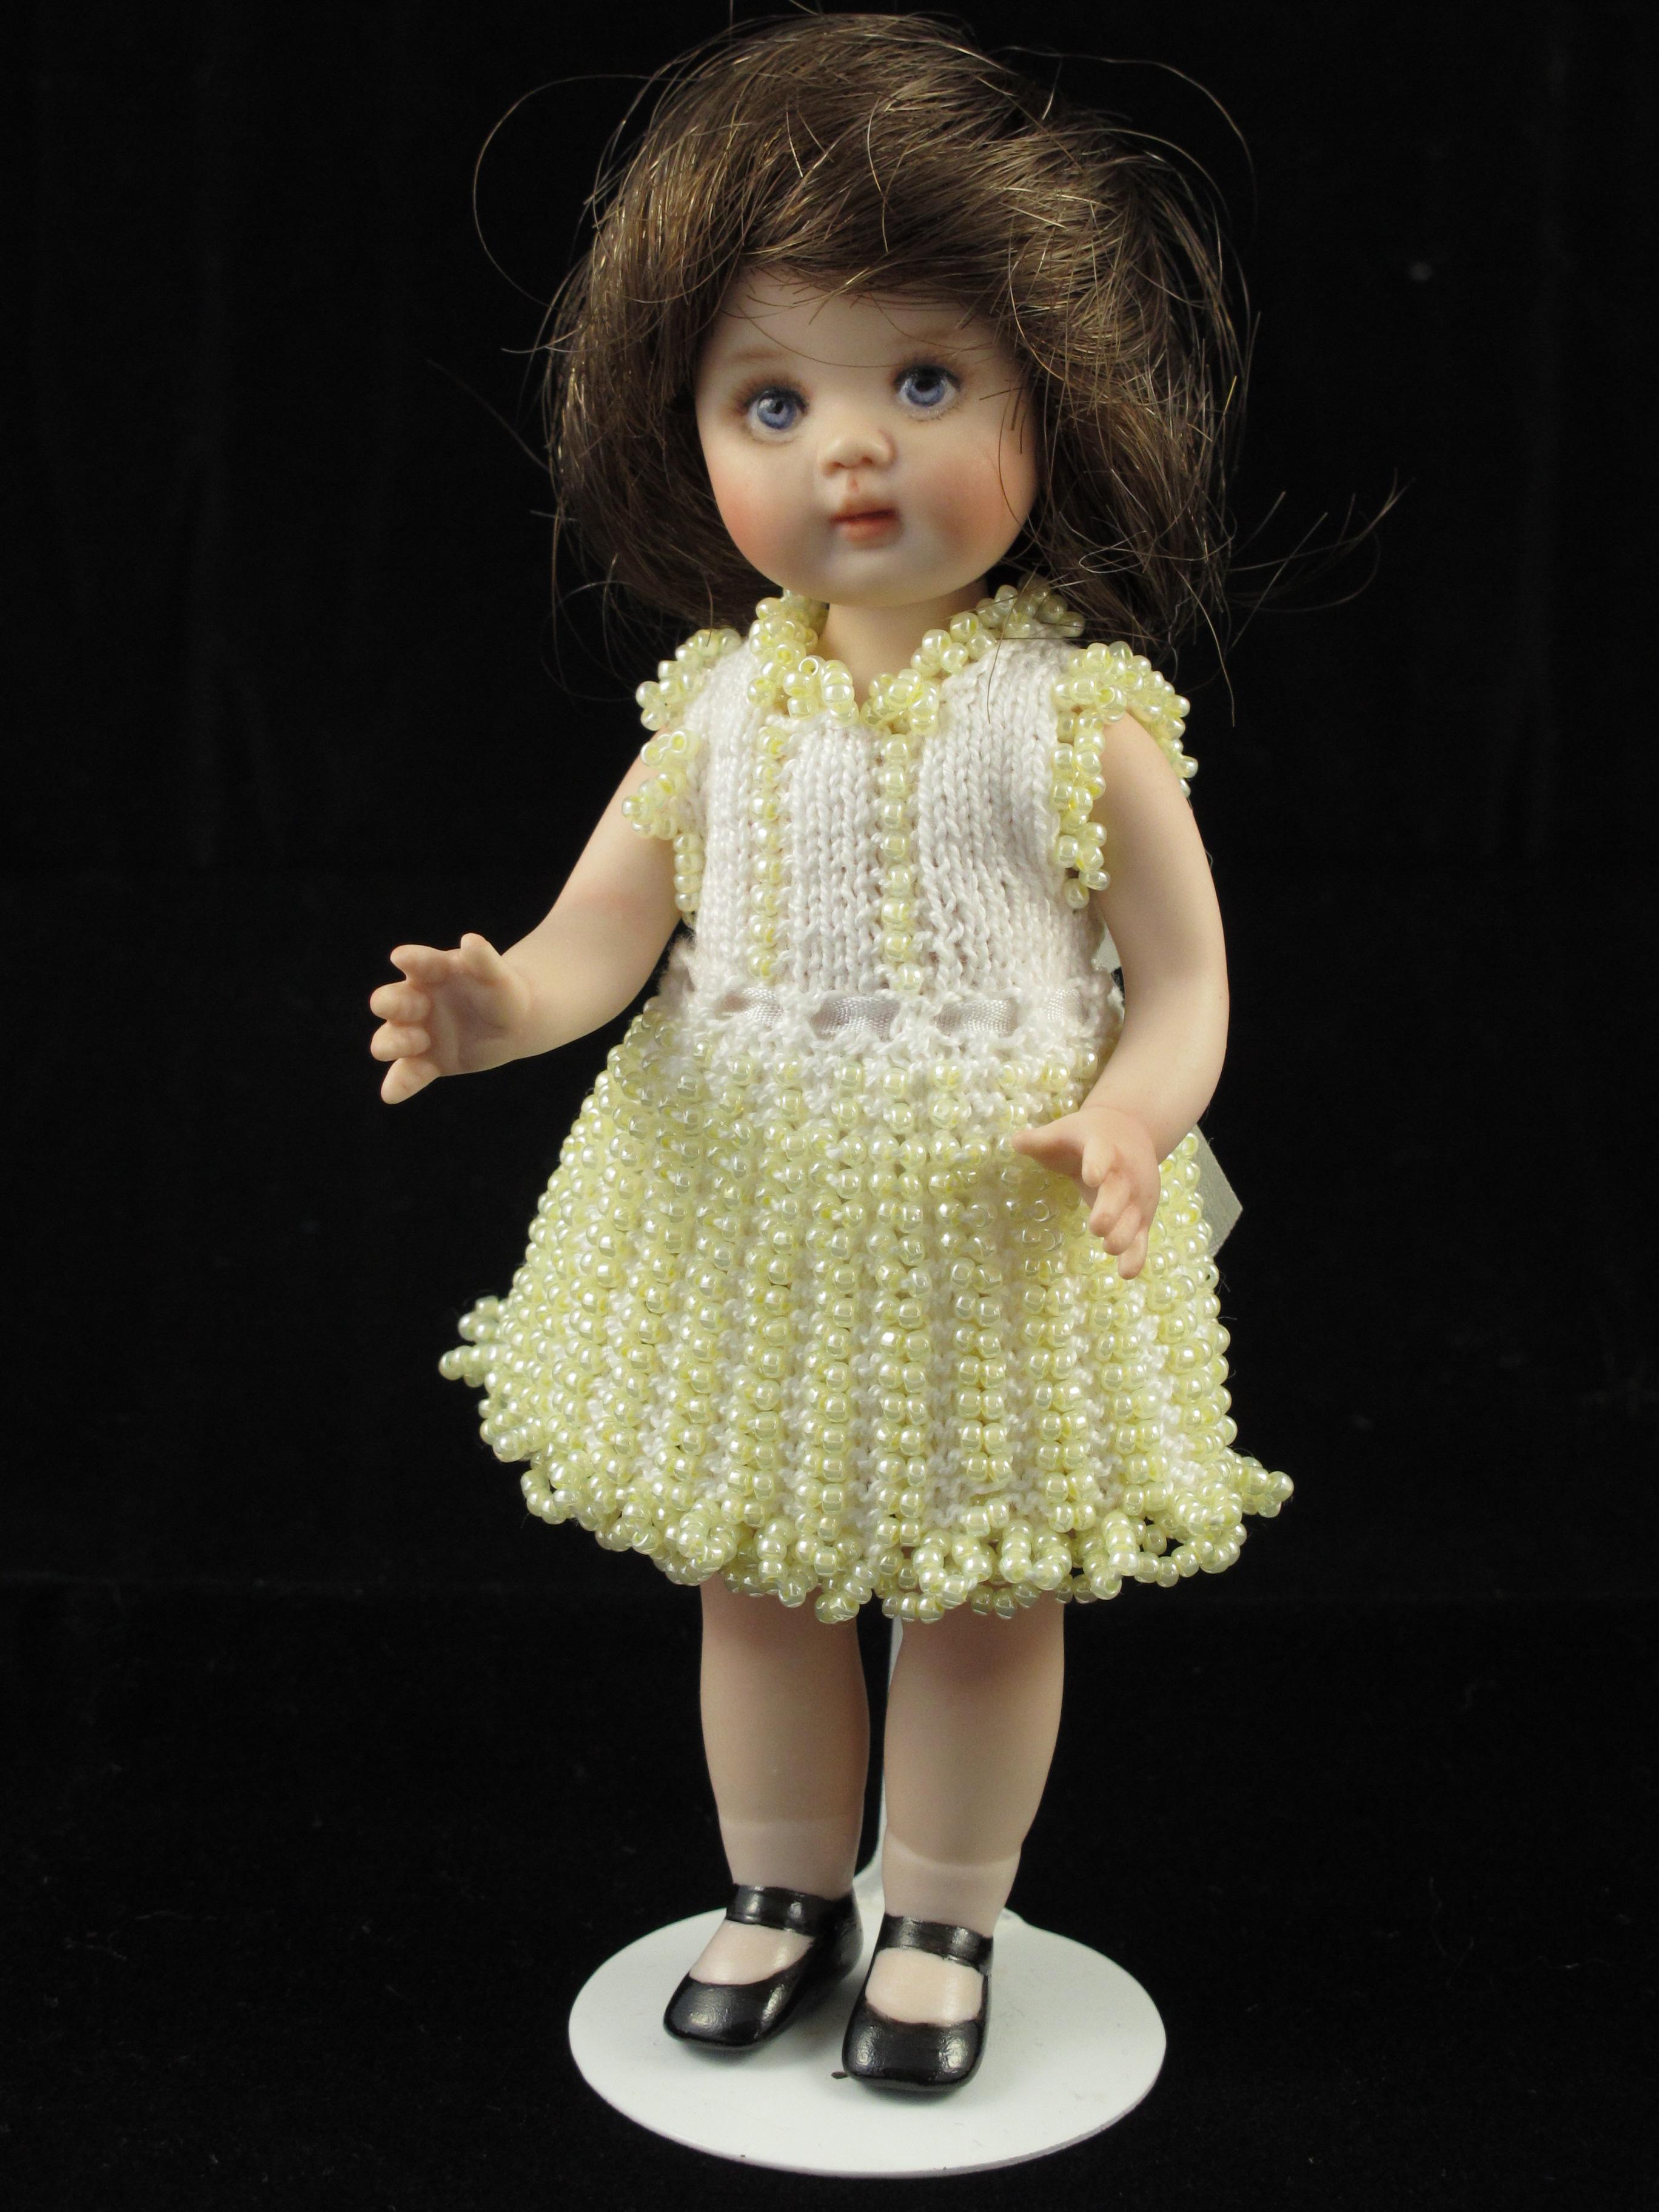 Beaded Knitting Patterns Half Dolls : Delightful Dolly Beaded knitting pattern   Lee-Annes Dolls